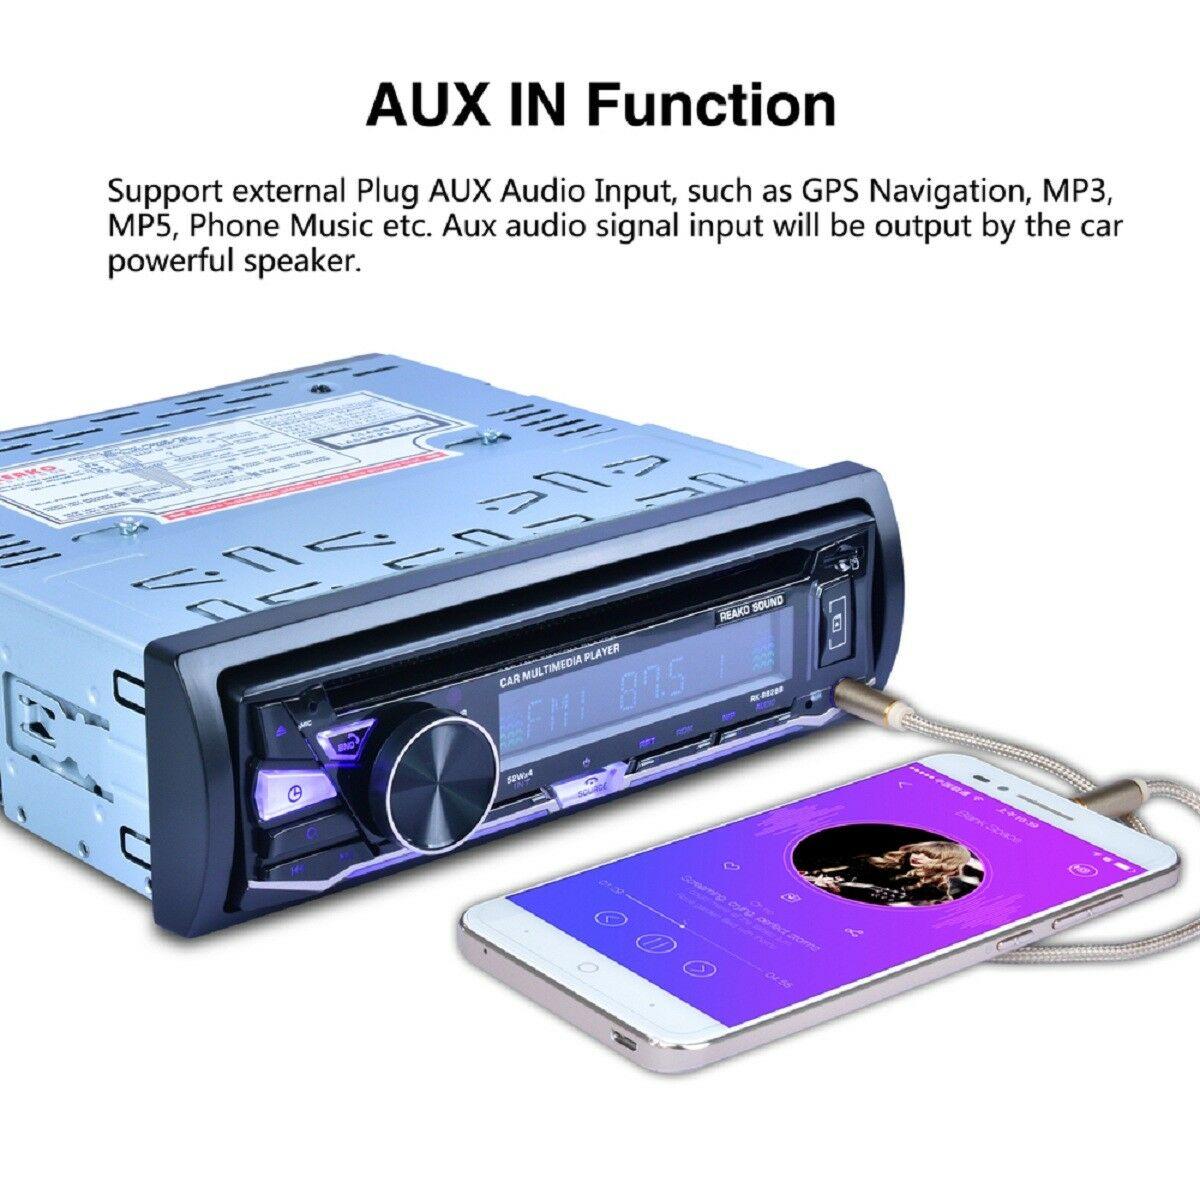 2019 RK-8828B Bluetooth Multimedia Car Durable Car DVD In-Dash Bluetooth CD for FM Drop Shipping2019 RK-8828B Bluetooth Multimedia Car Durable Car DVD In-Dash Bluetooth CD for FM Drop Shipping